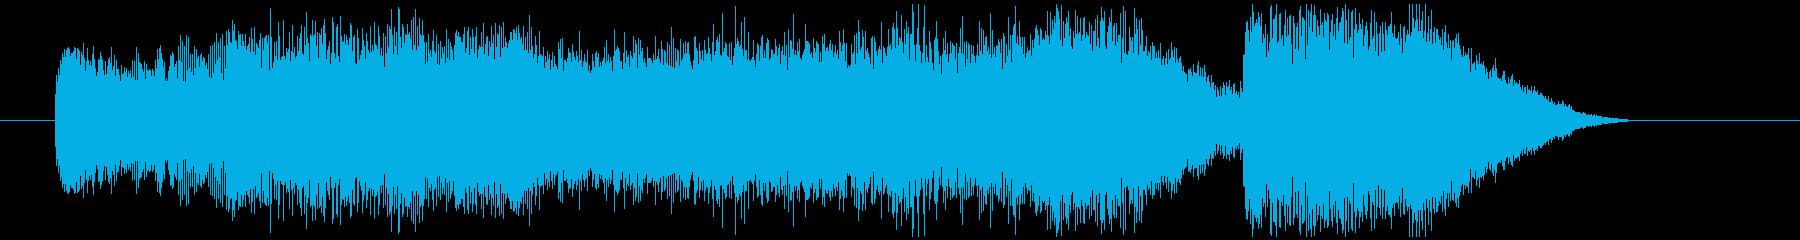 宇宙的な短めの重みのある15秒BGMの再生済みの波形